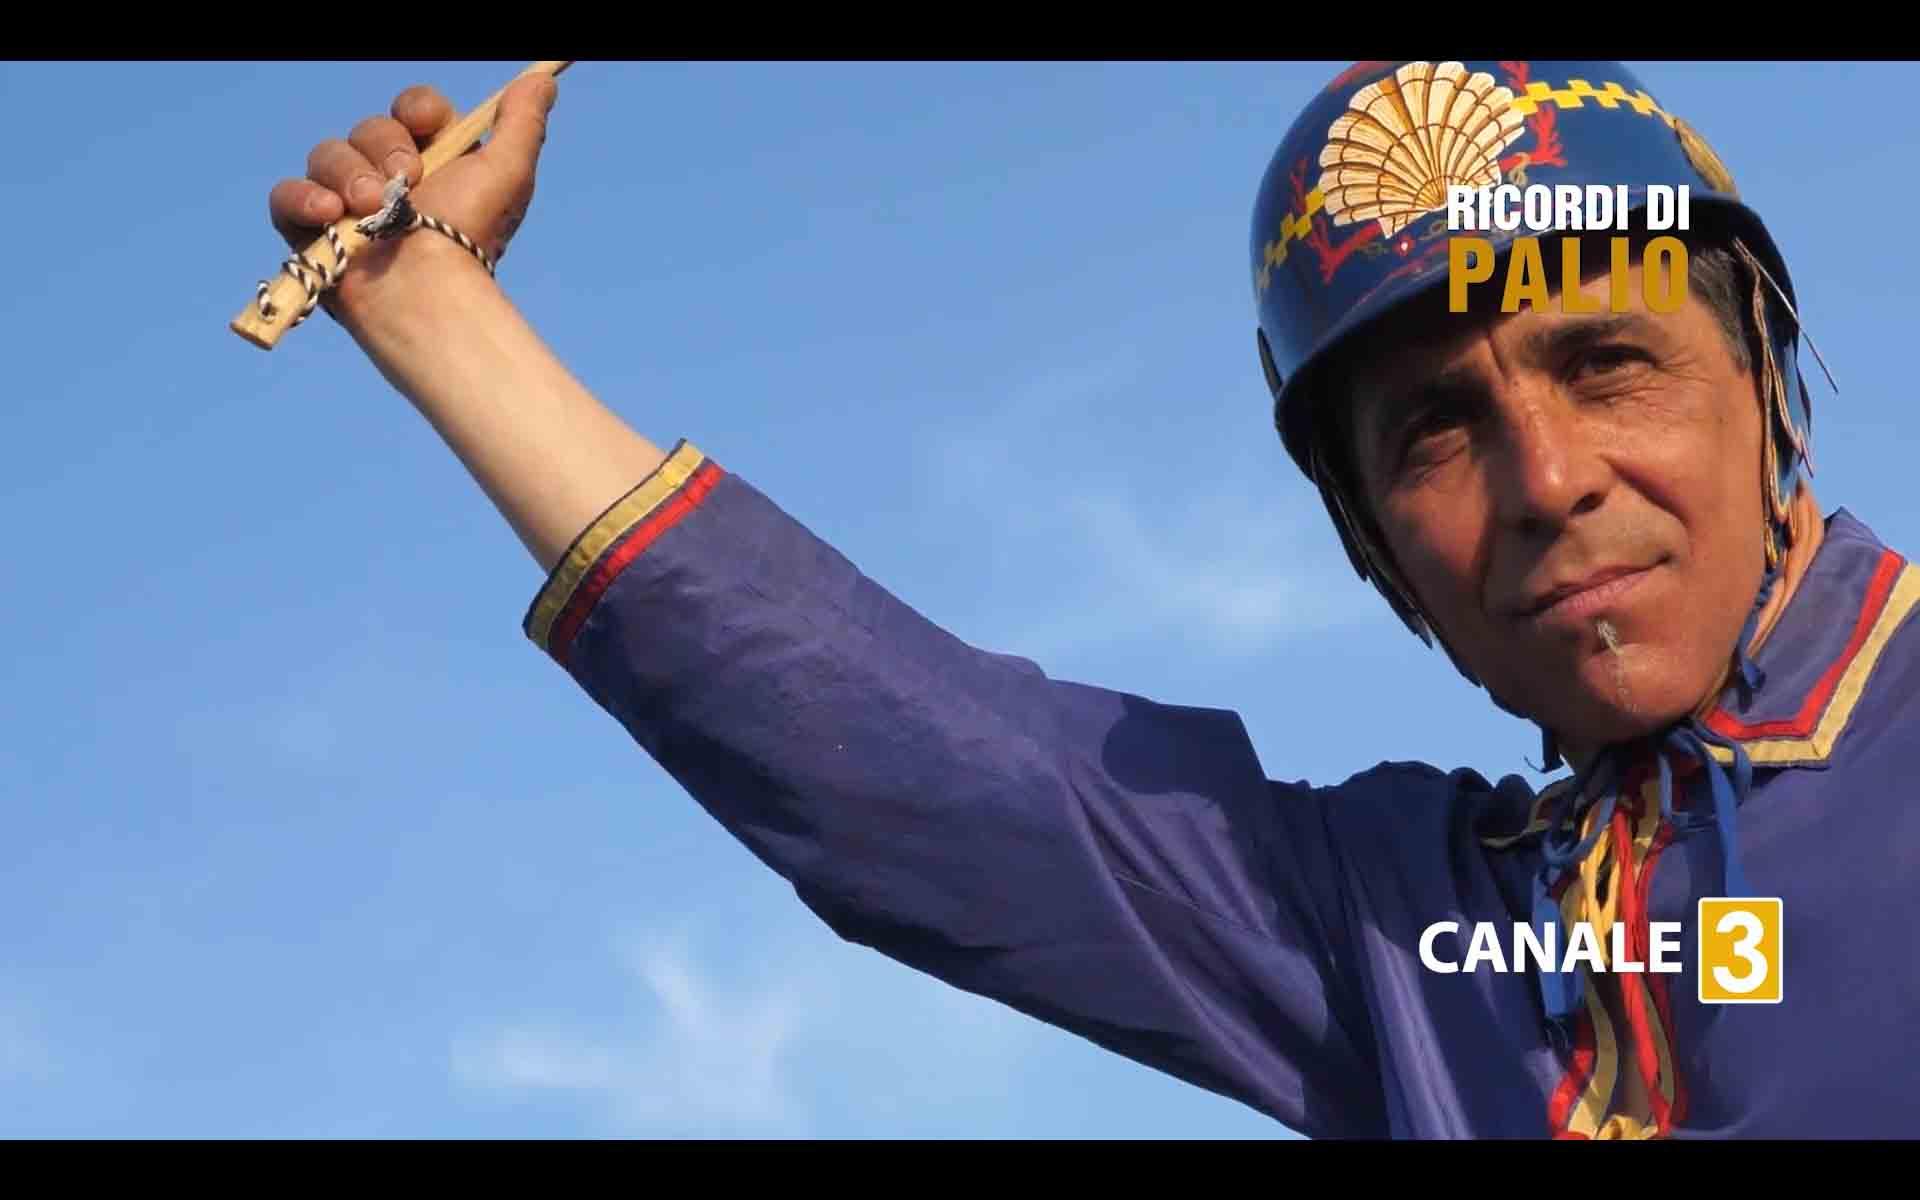 Massimo Coghe nel corso della puntata di Ricordi di Palio ha reindossato il giubbetto e lo zucchino con cui vinse nel Nicchio